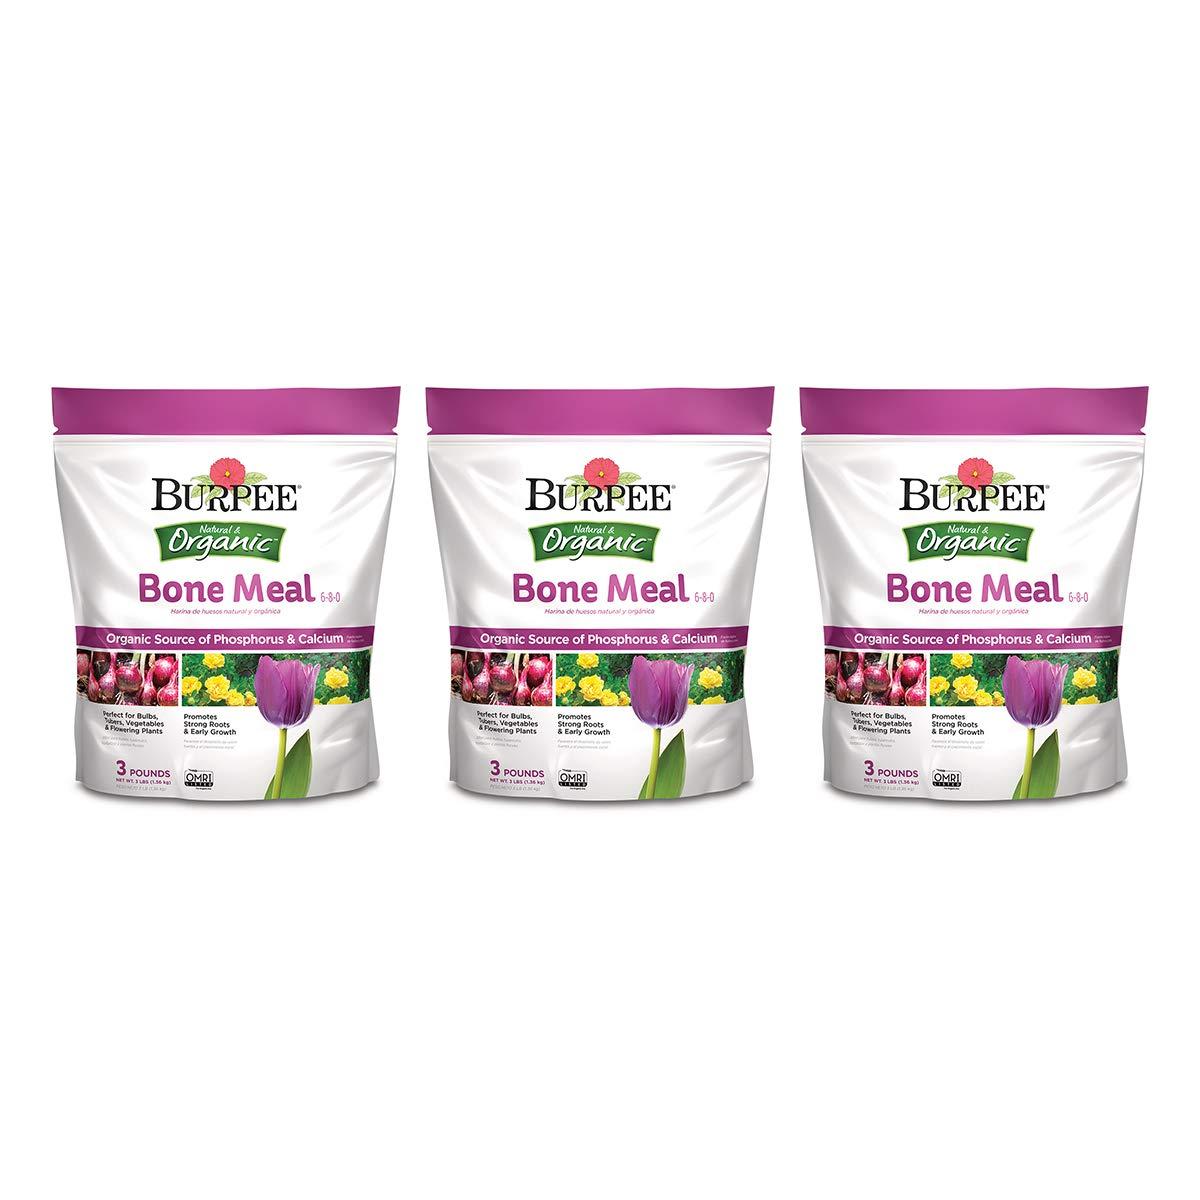 Burpee Organic Bone Meal Fertilizer, 3 lb. (3-Pack), Brown/A